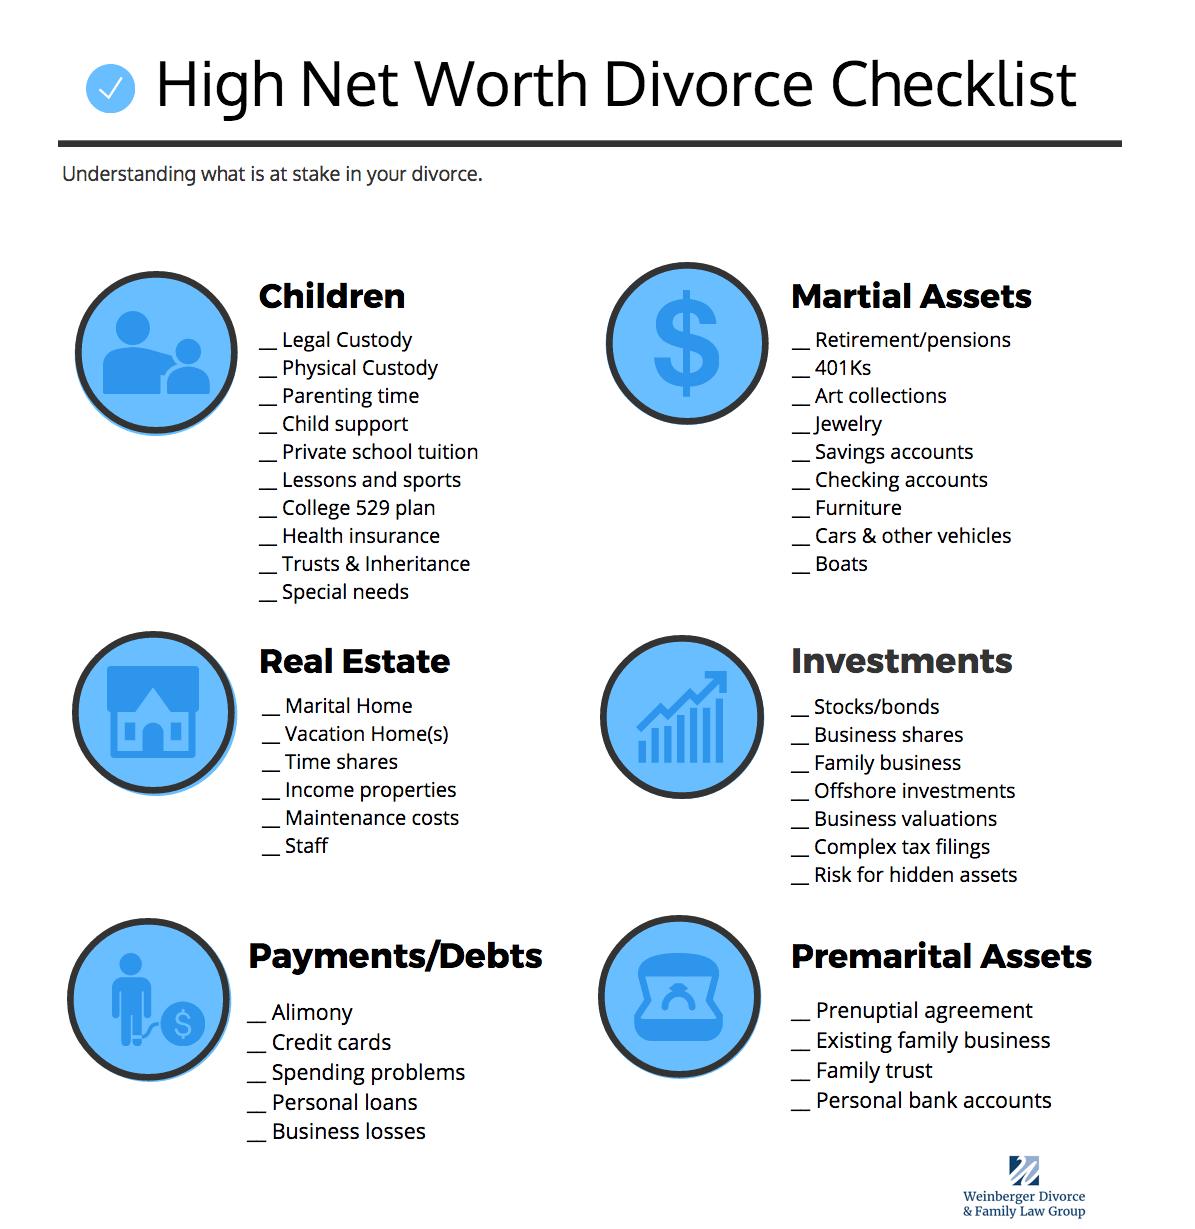 Your High Net Worth Divorce Checklist